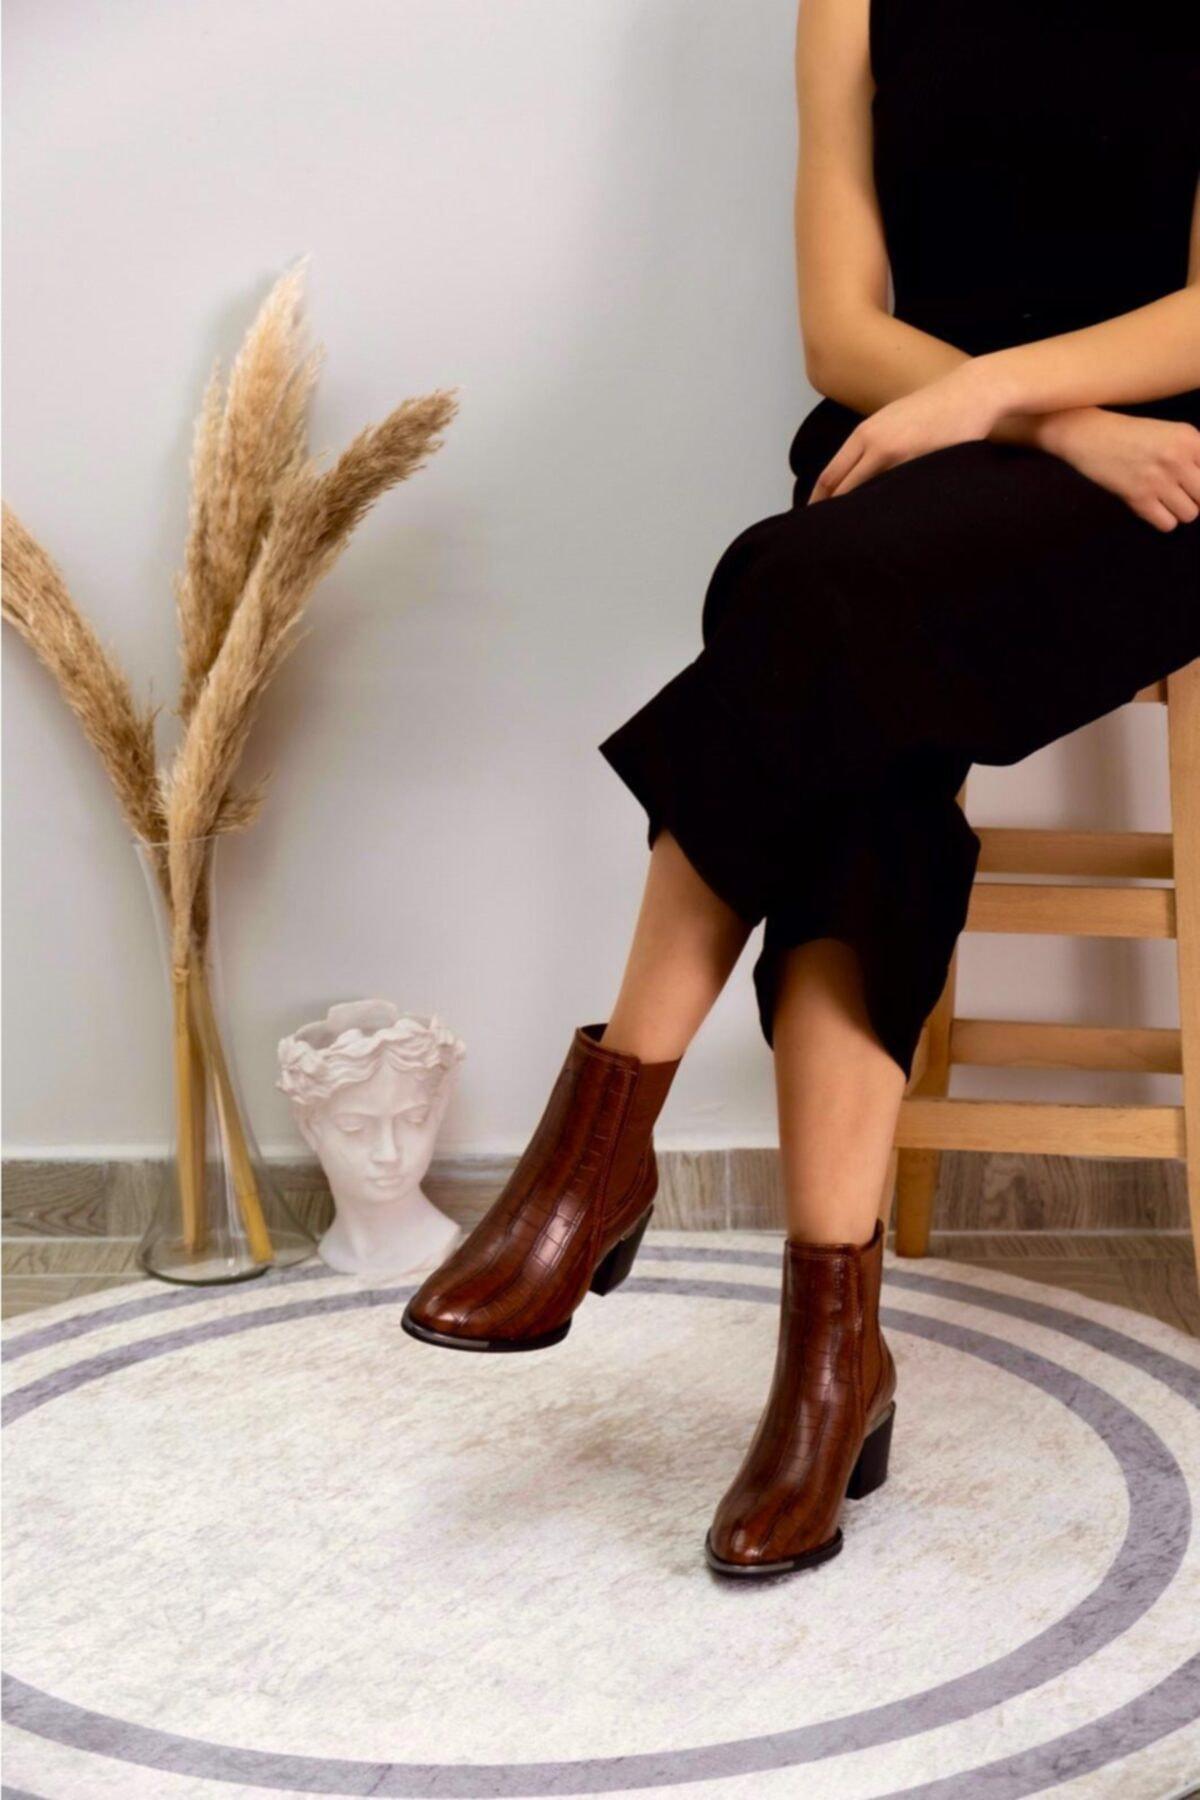 KUPON SHOES Kadın Kahverengi Topuklu Bot 1